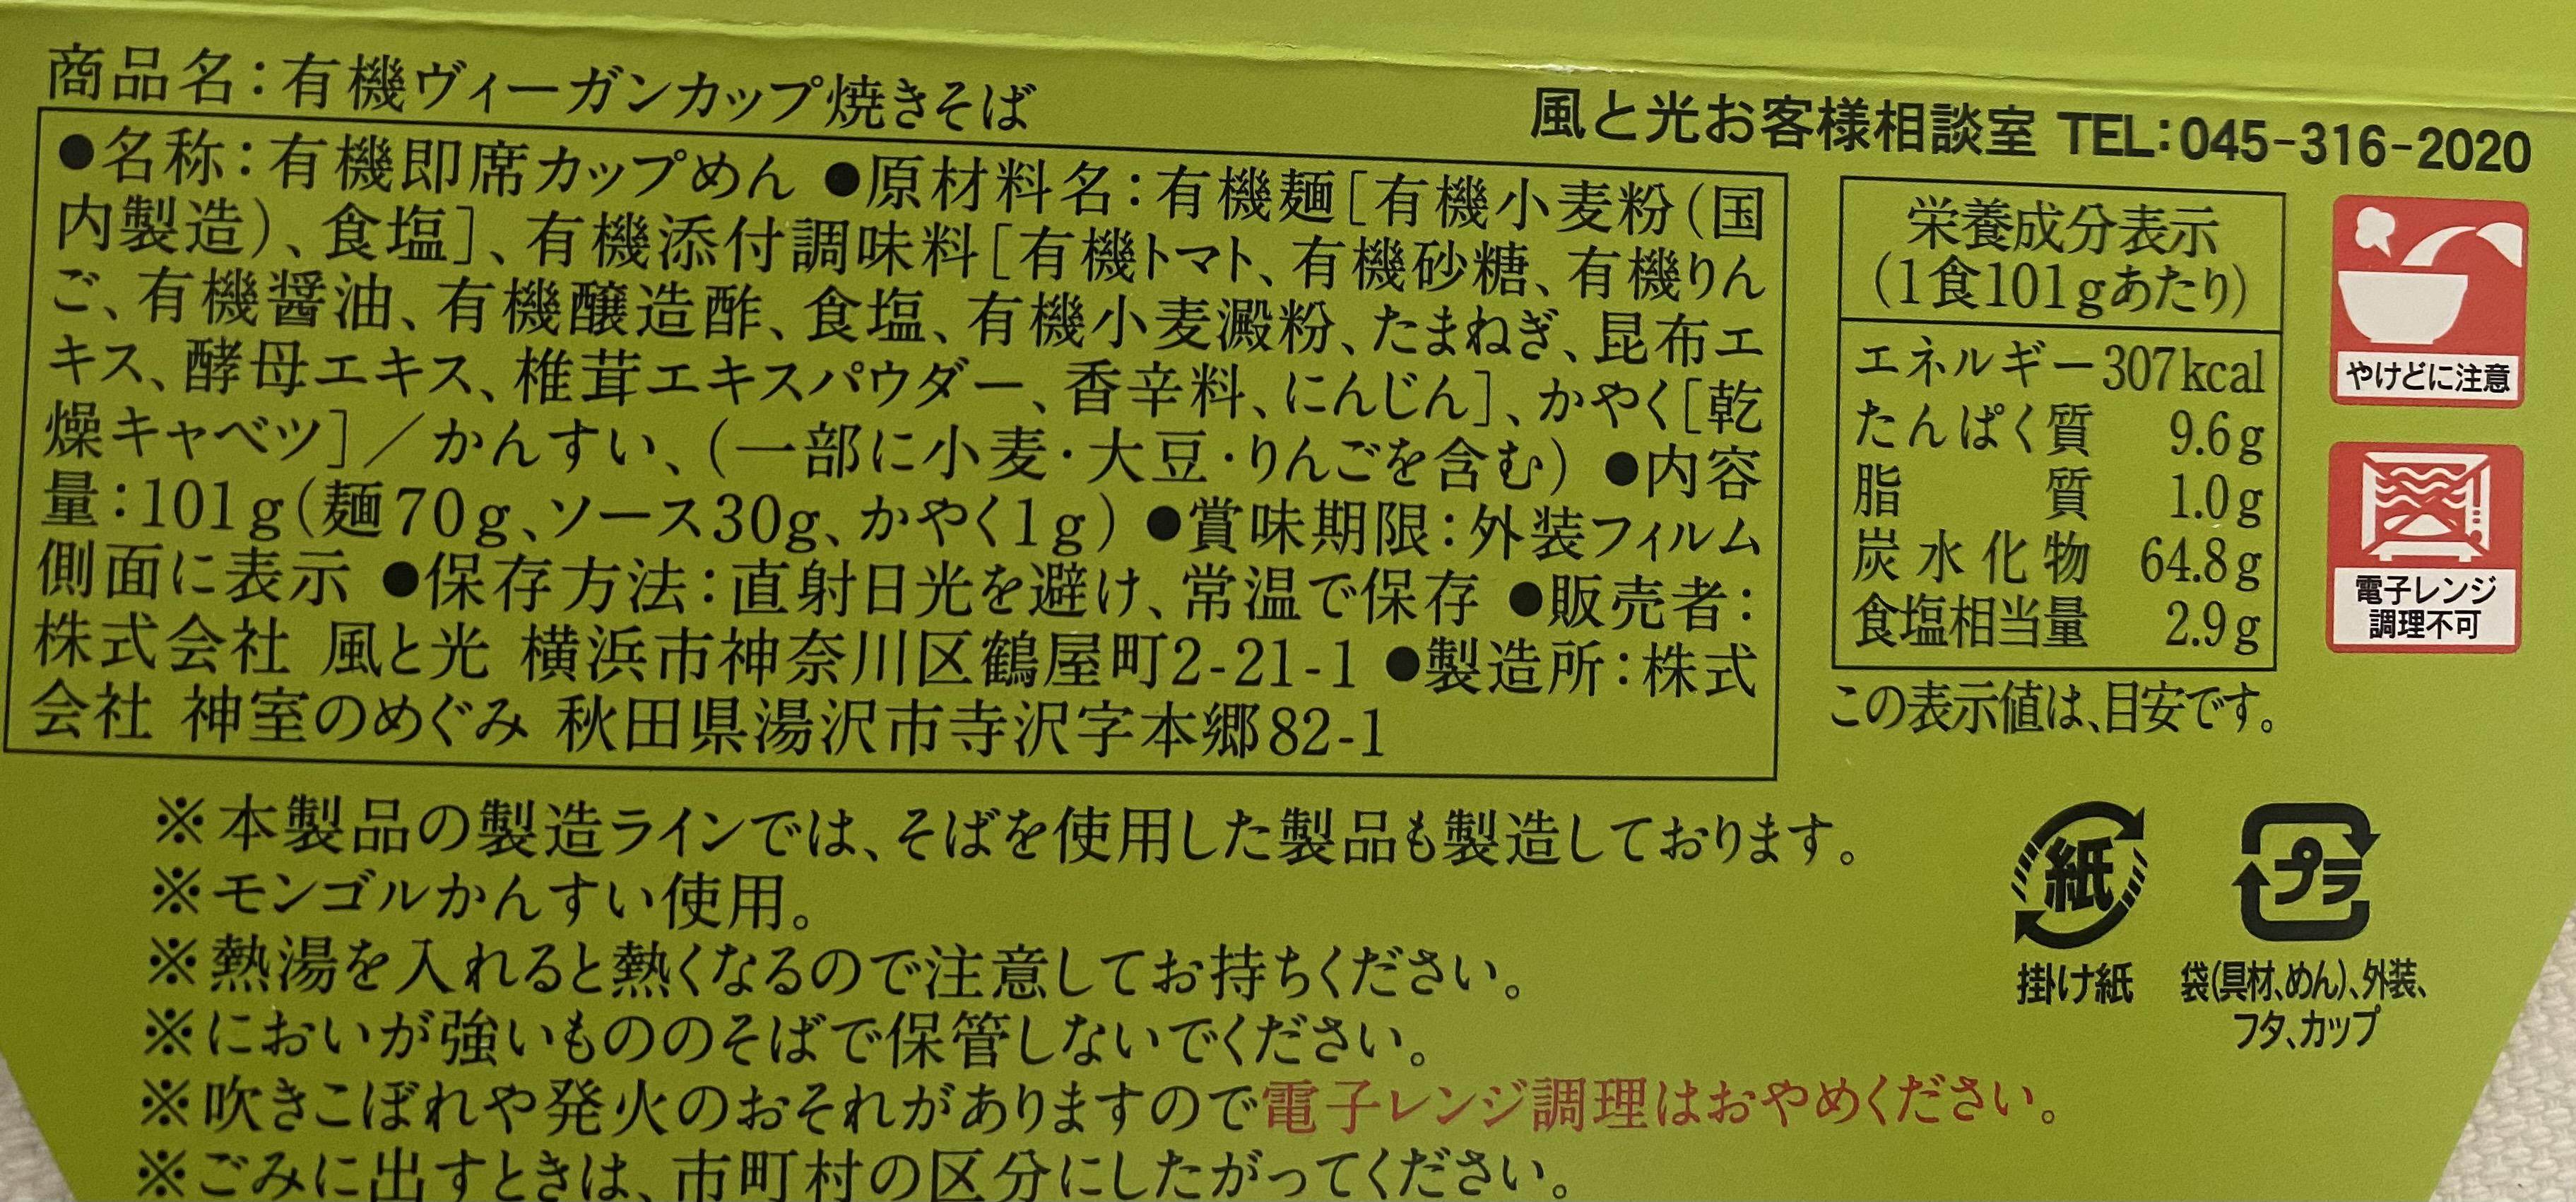 Kaze to Hikari Organic Vegan Yakisoba ingredients